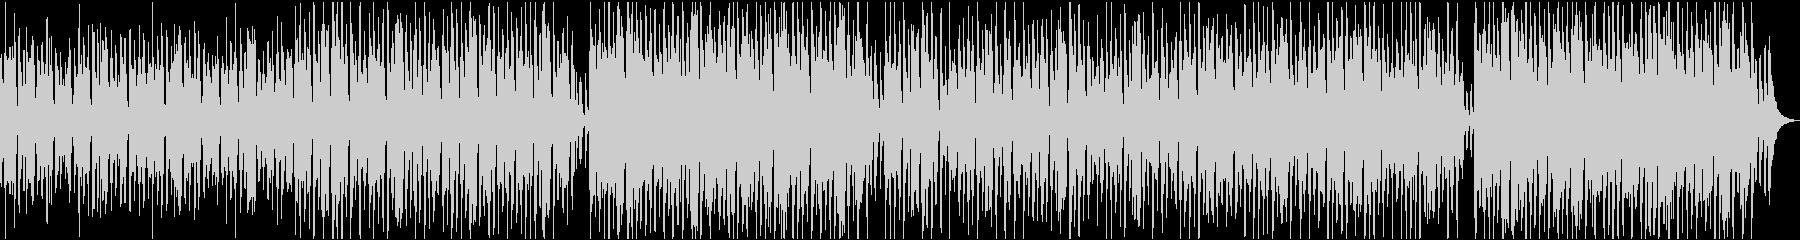 Inspiring Recorderの未再生の波形